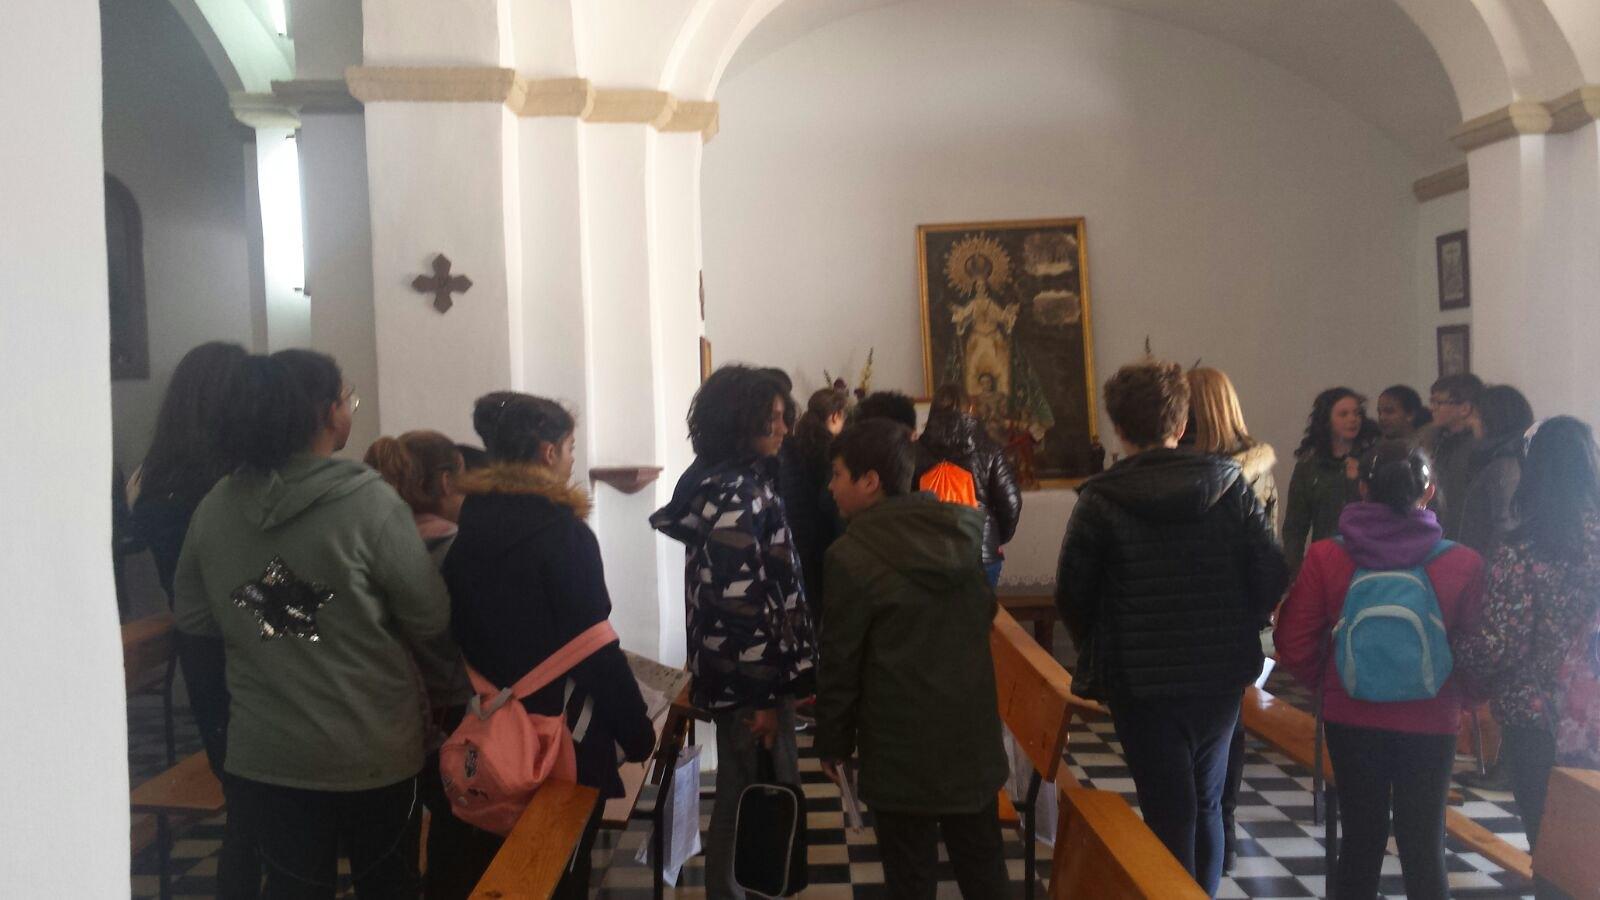 (2018-03-19) - Visita ermita alumnos Yolada-Pilar,6º, Virrey Poveda-9 de Octubre - Maria Isabel Berenquer Brotons - (09)